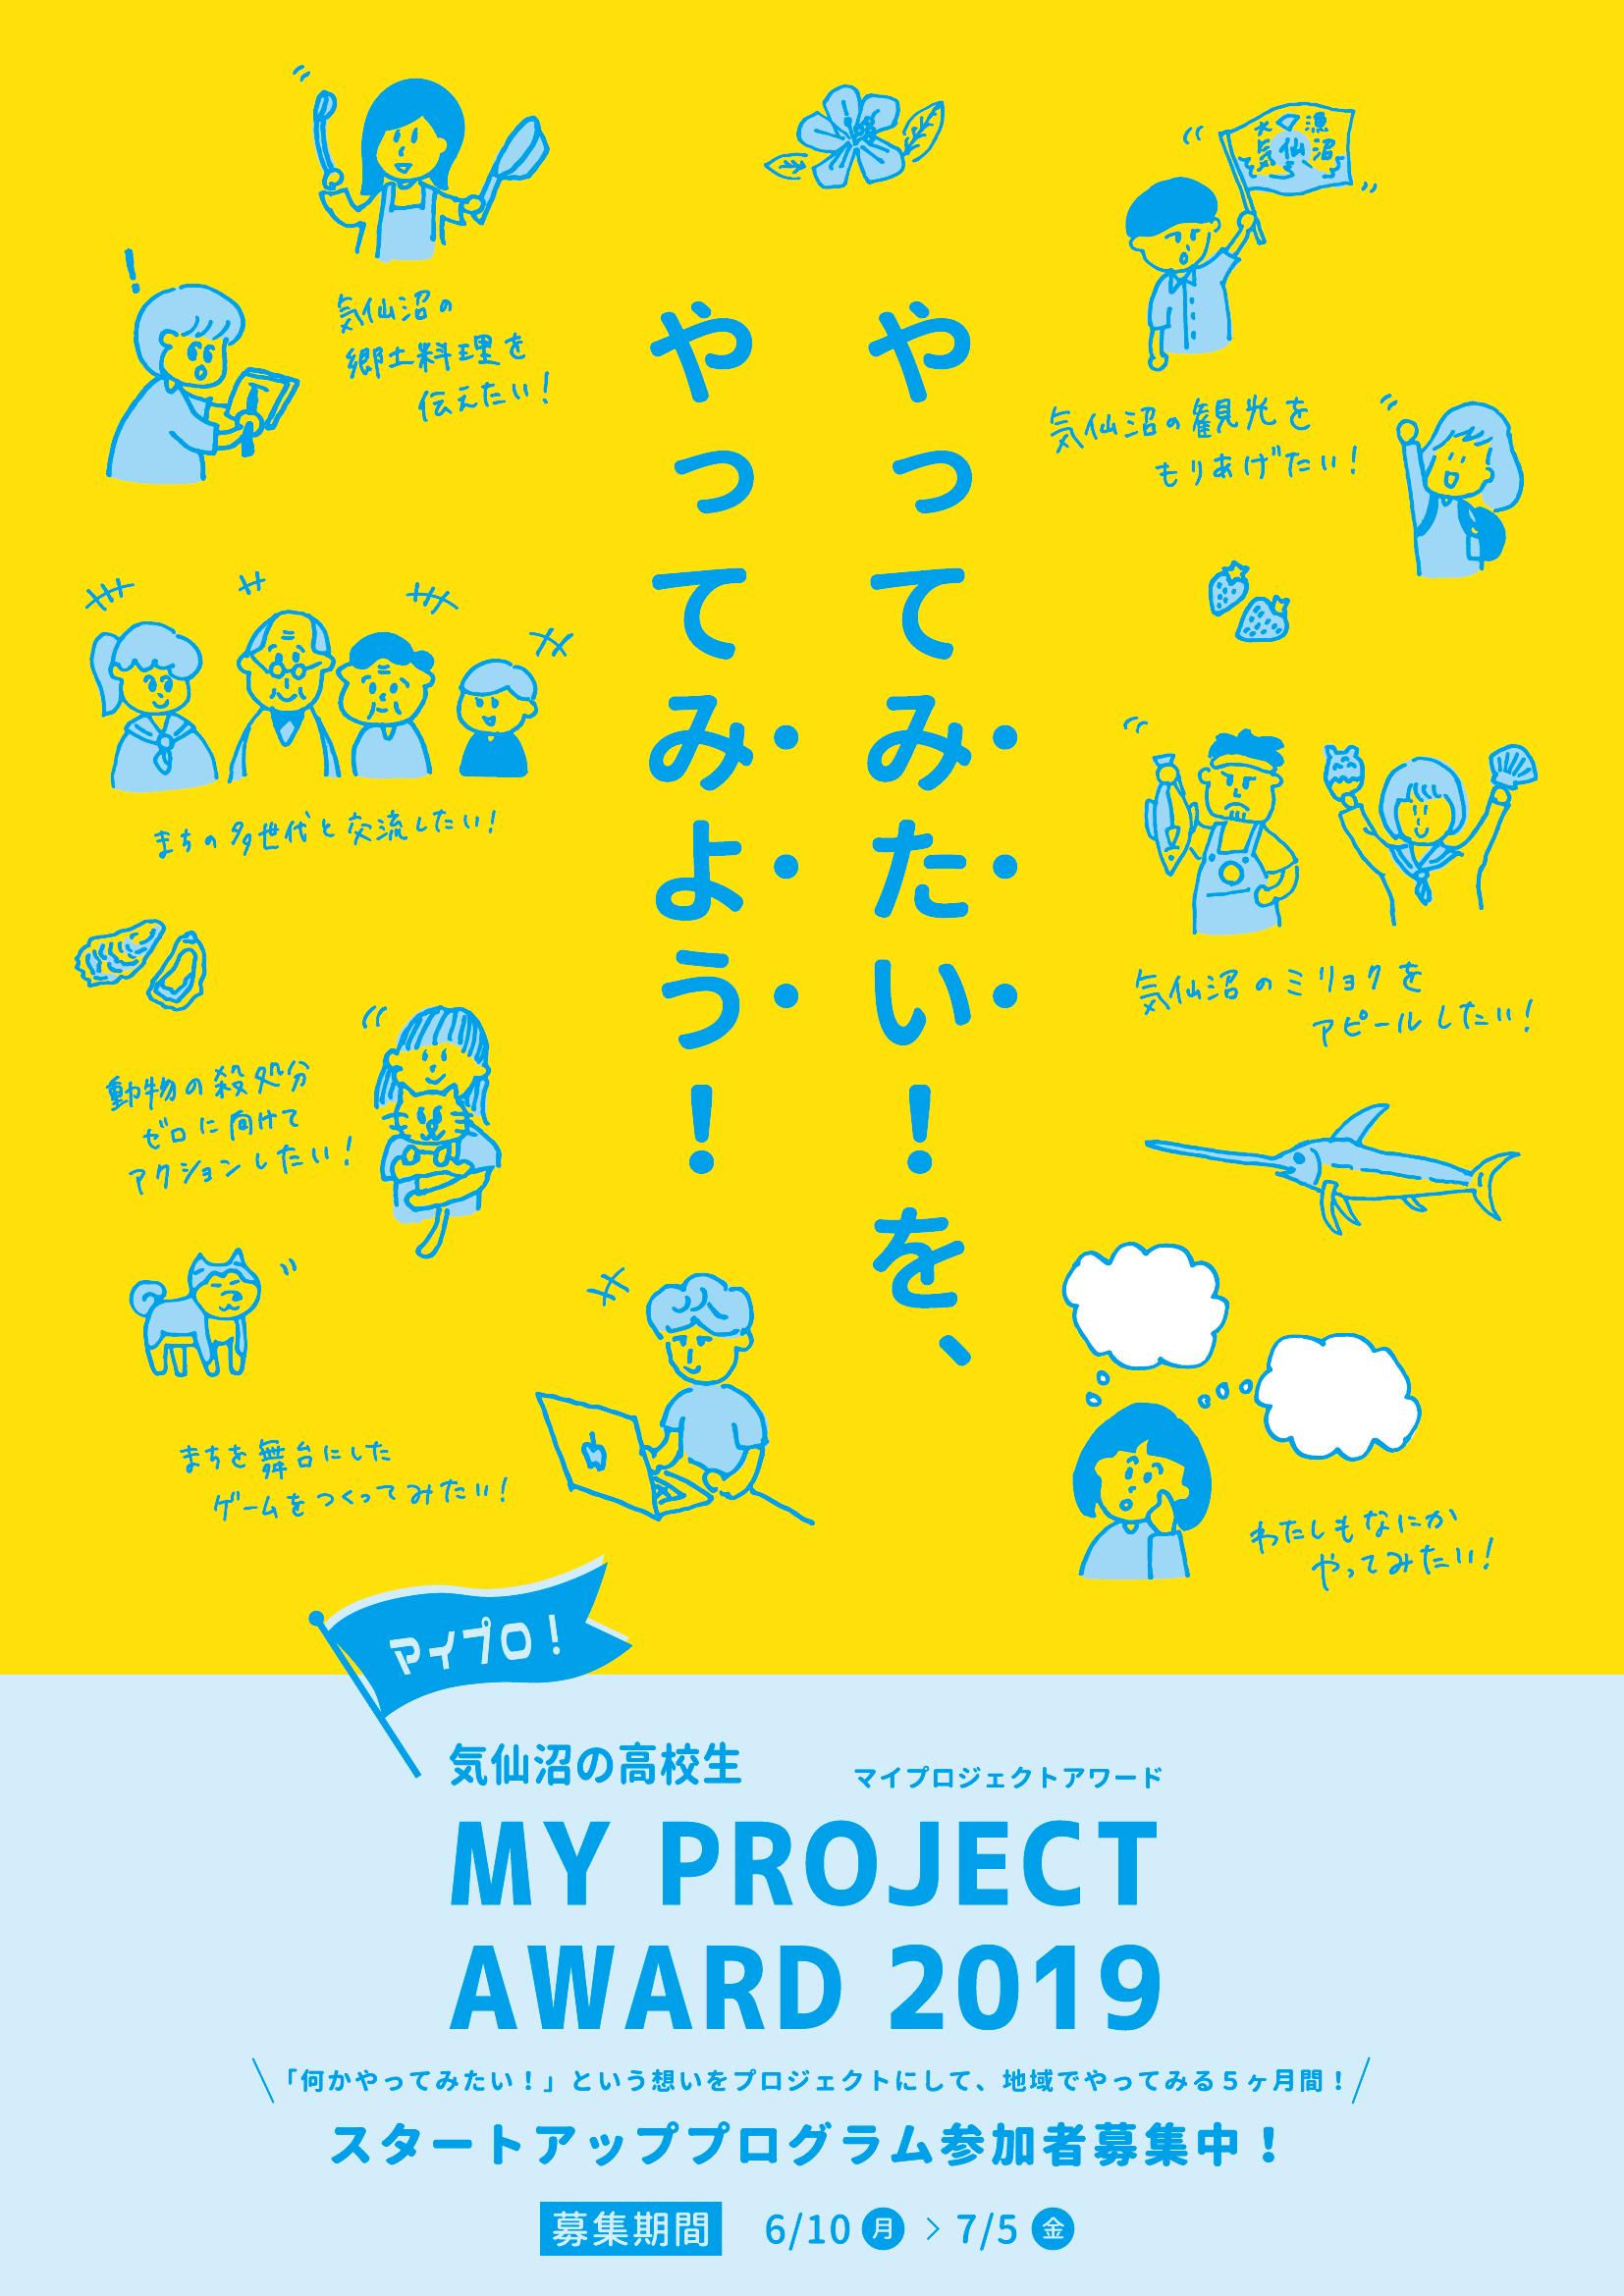 気仙沼の高校生マイプロジェクトアワード2019スタートアッププログラム